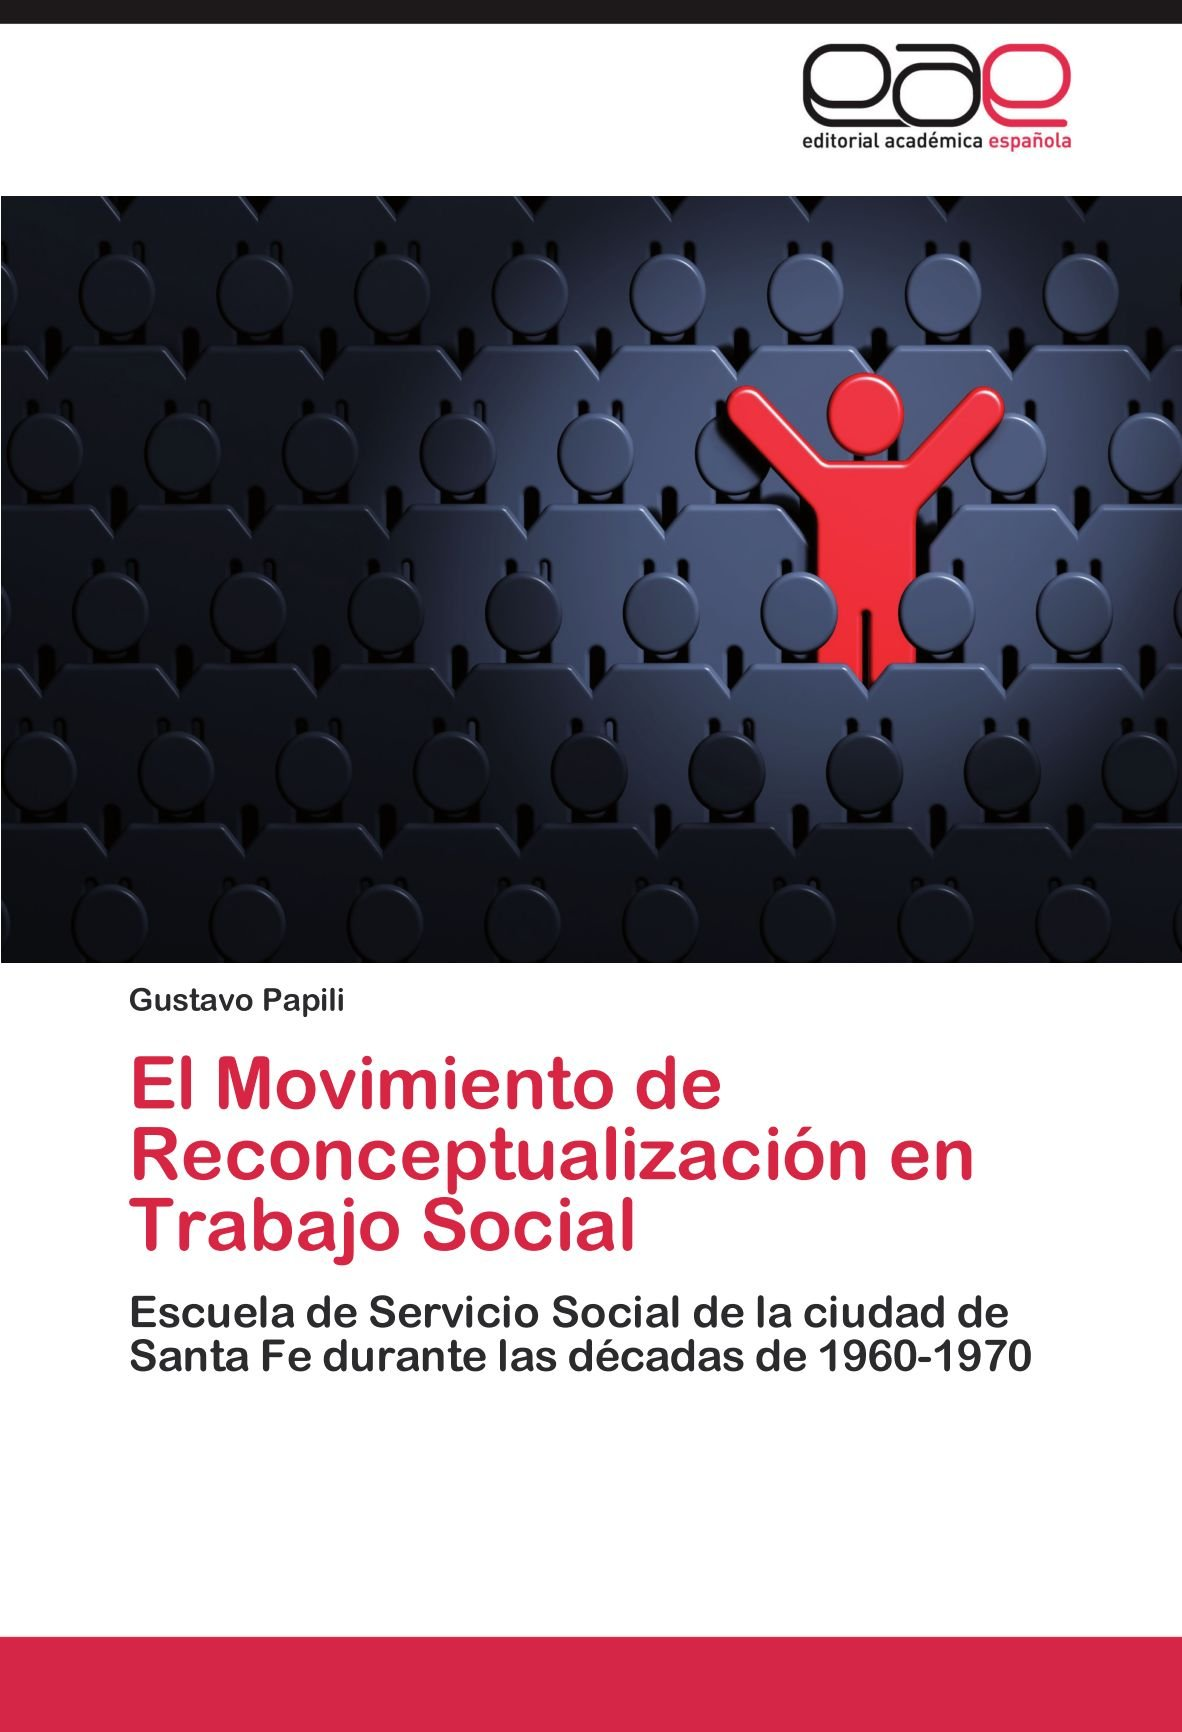 El Movimiento de Reconceptualizacion En Trabajo Social: Amazon.es: Papili, Gustavo: Libros